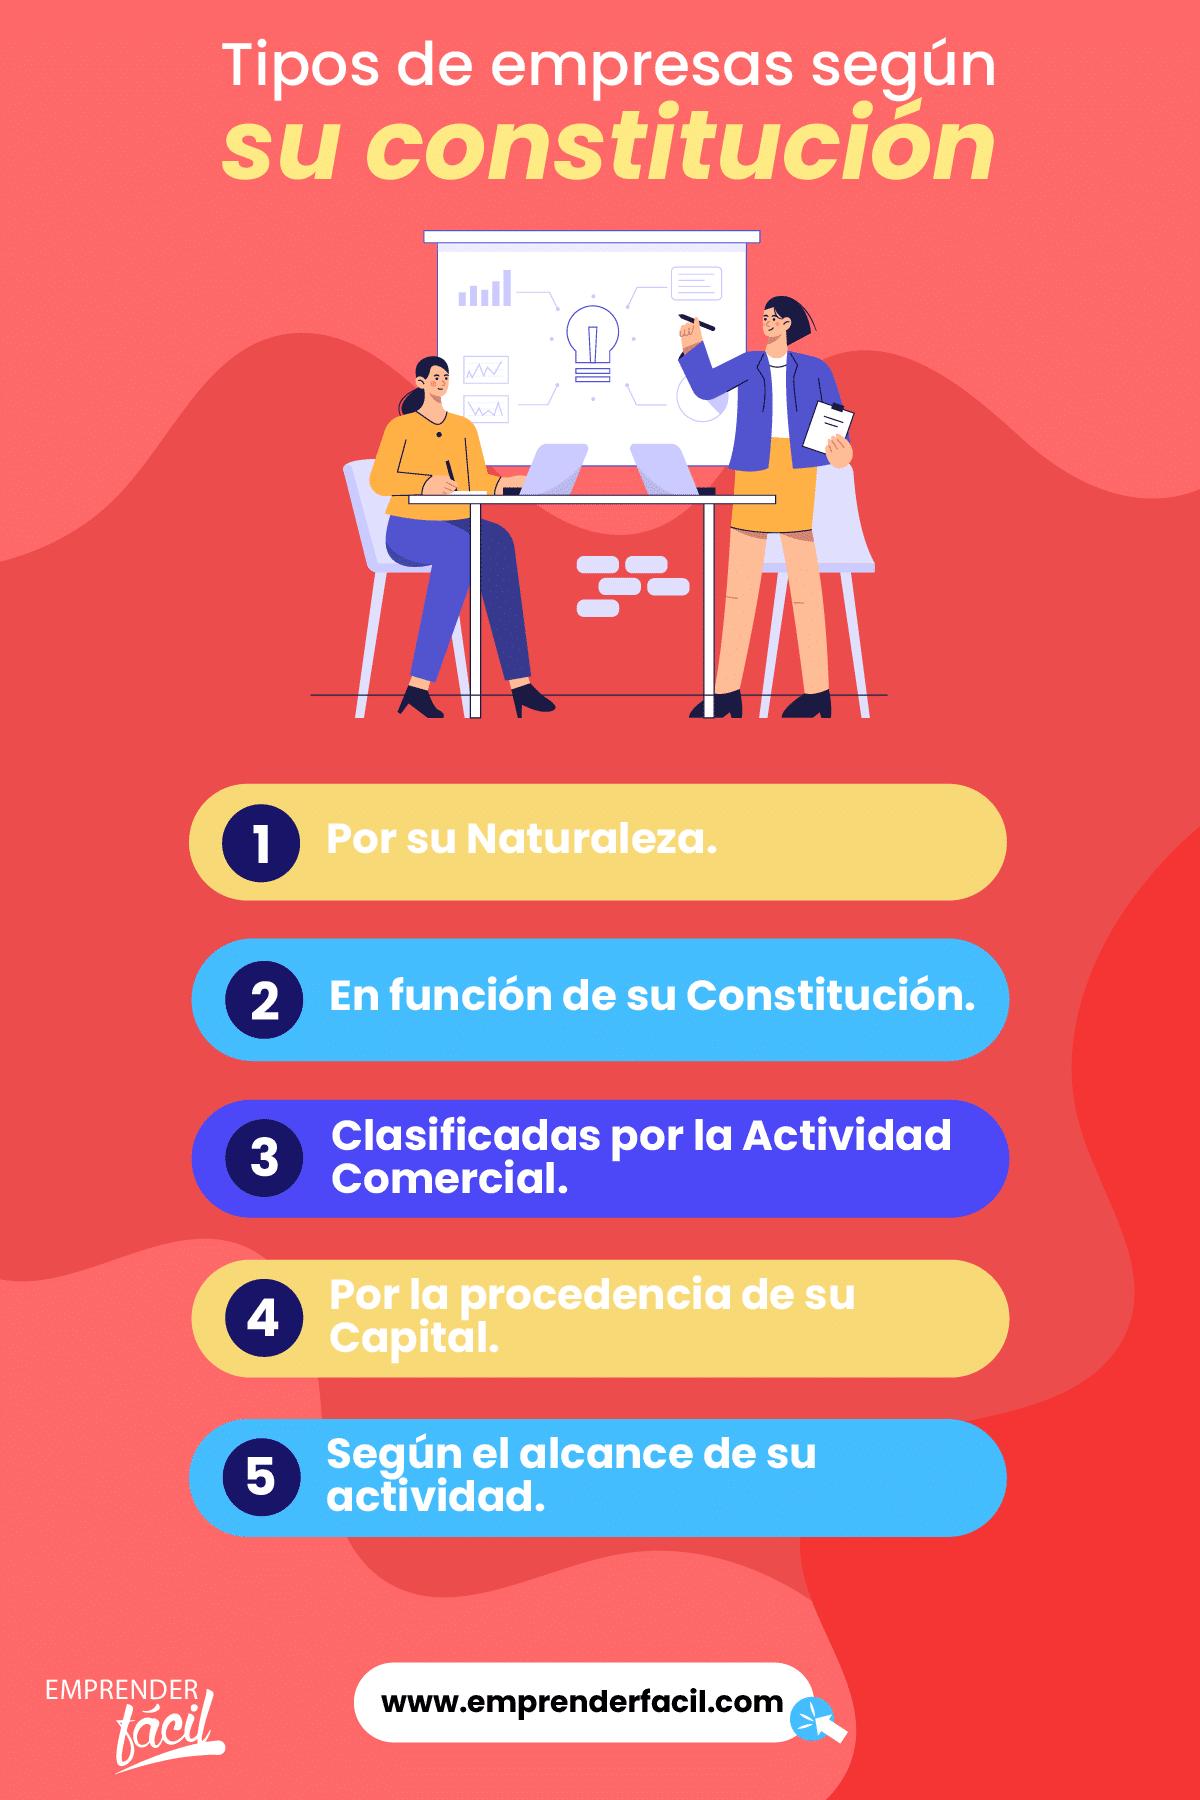 Tipos de empresas según su constitución.